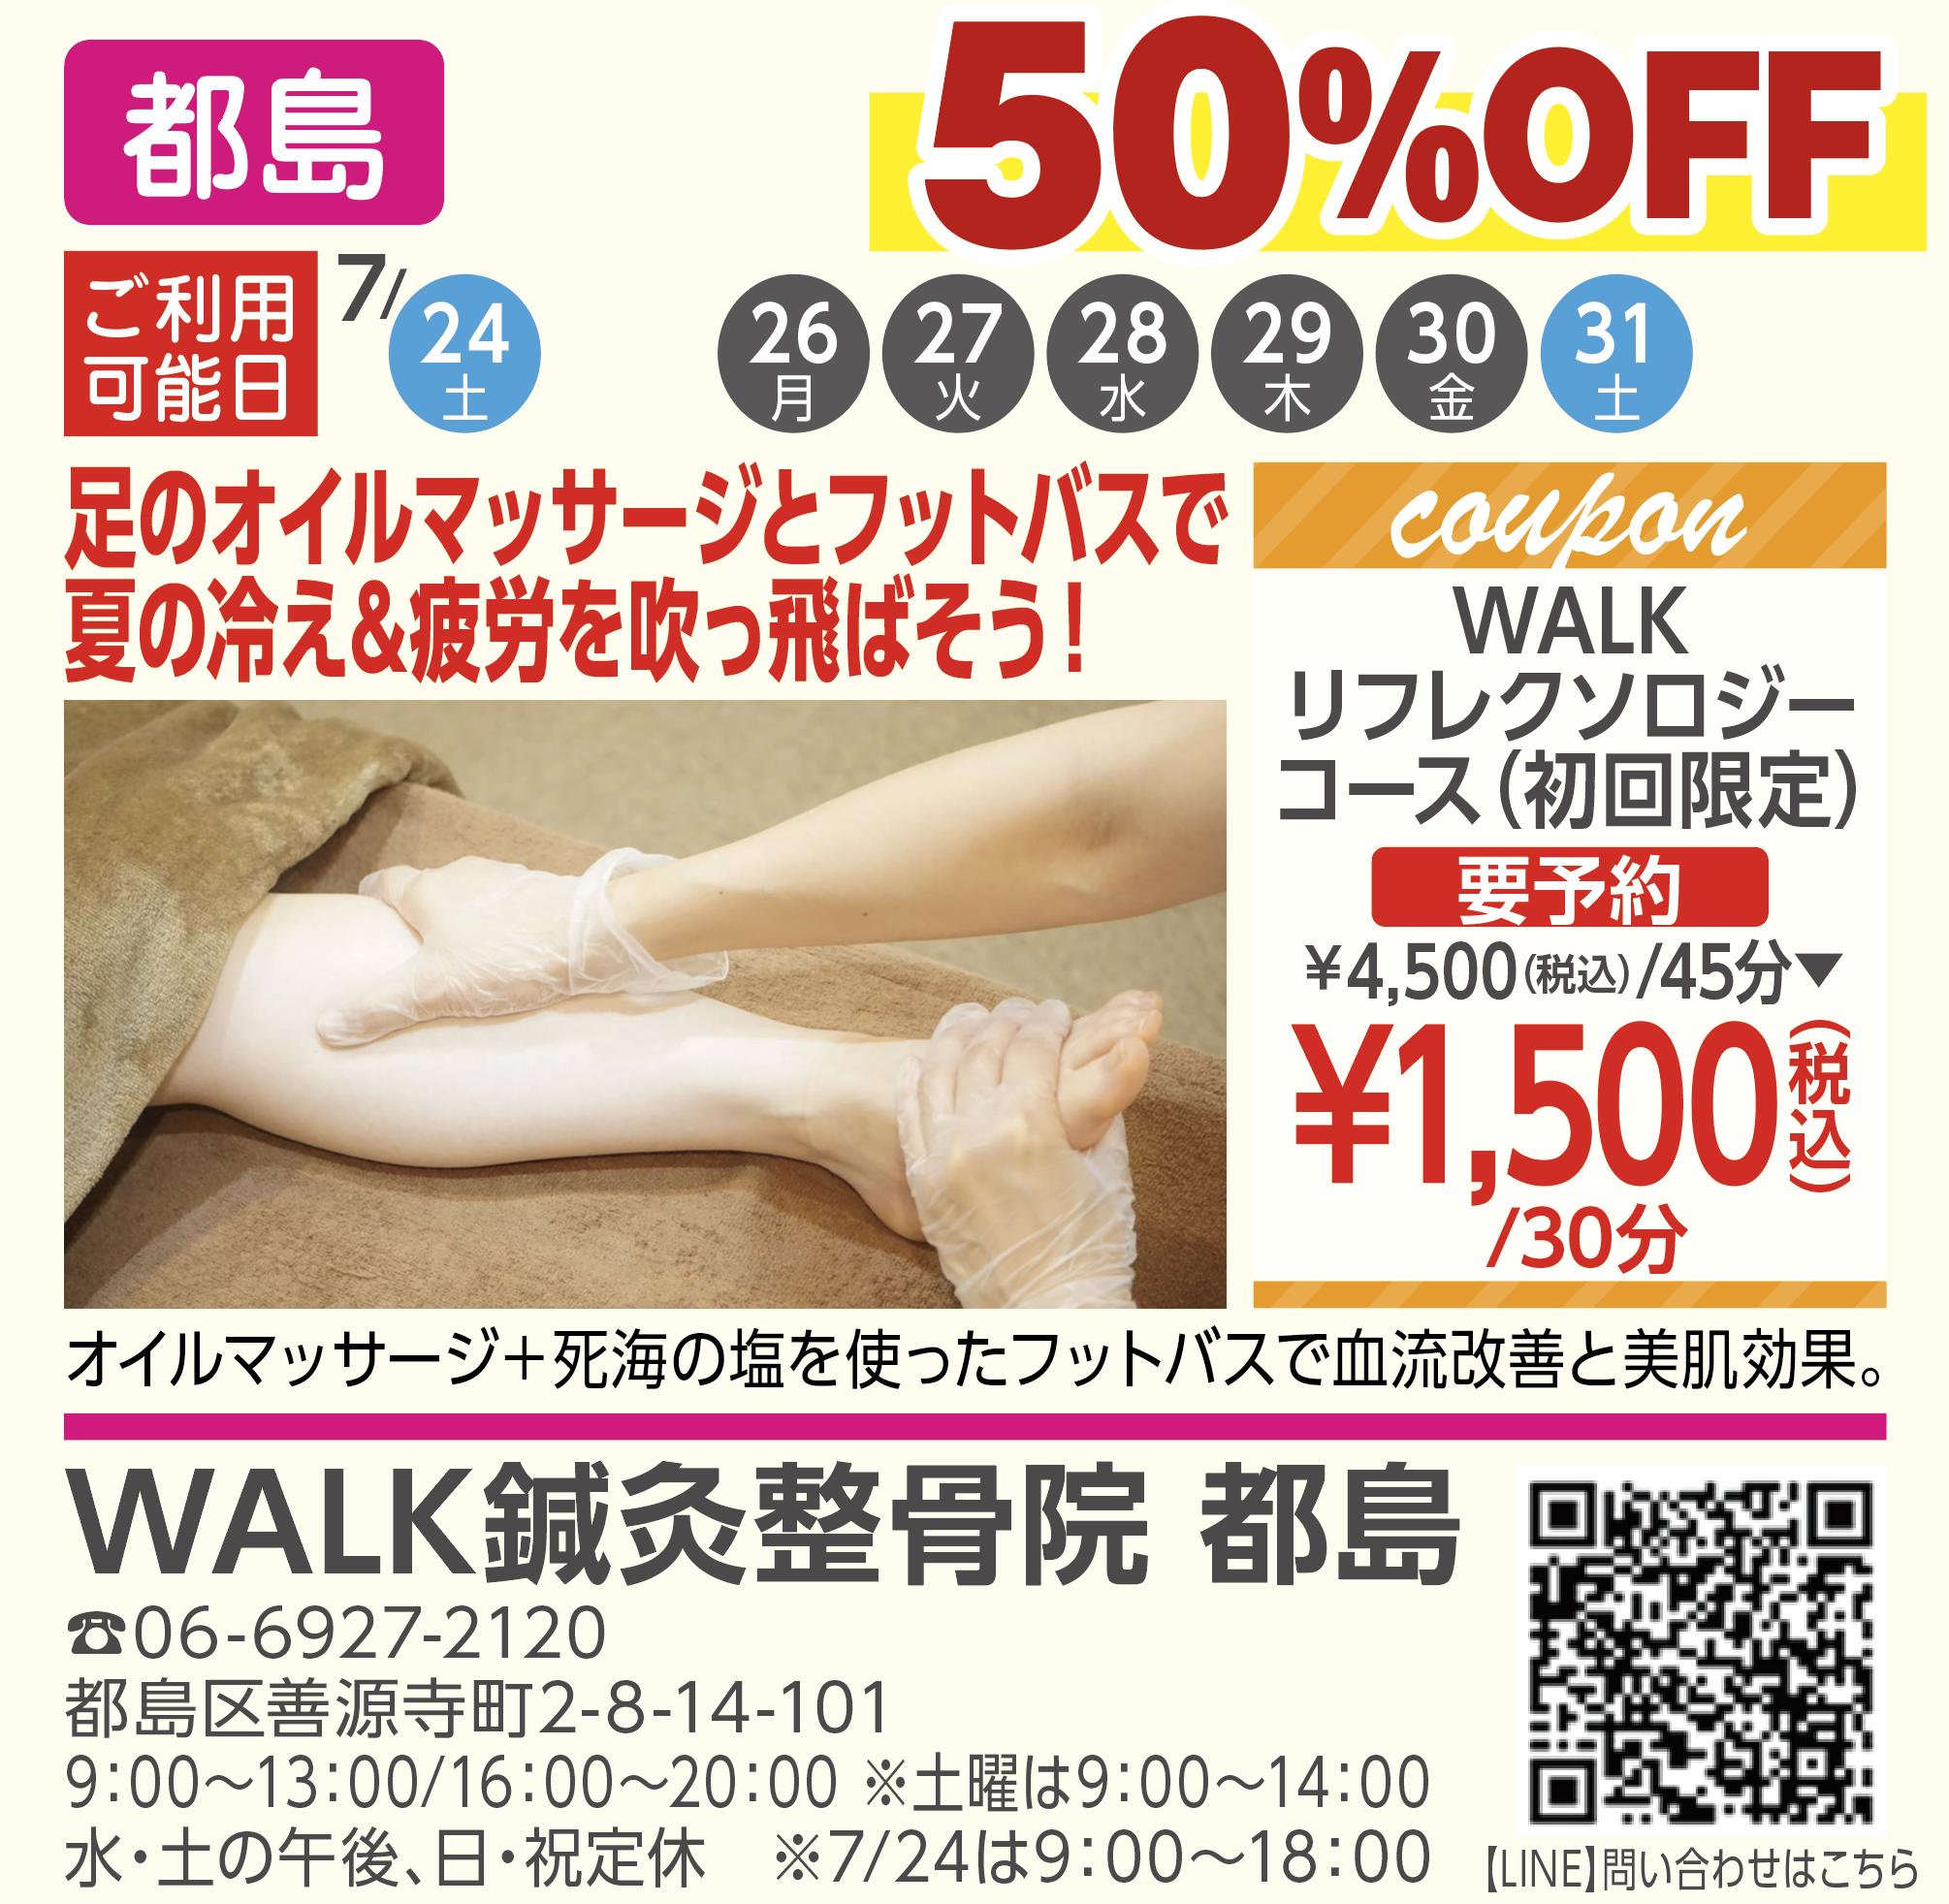 WALK鍼灸整骨院